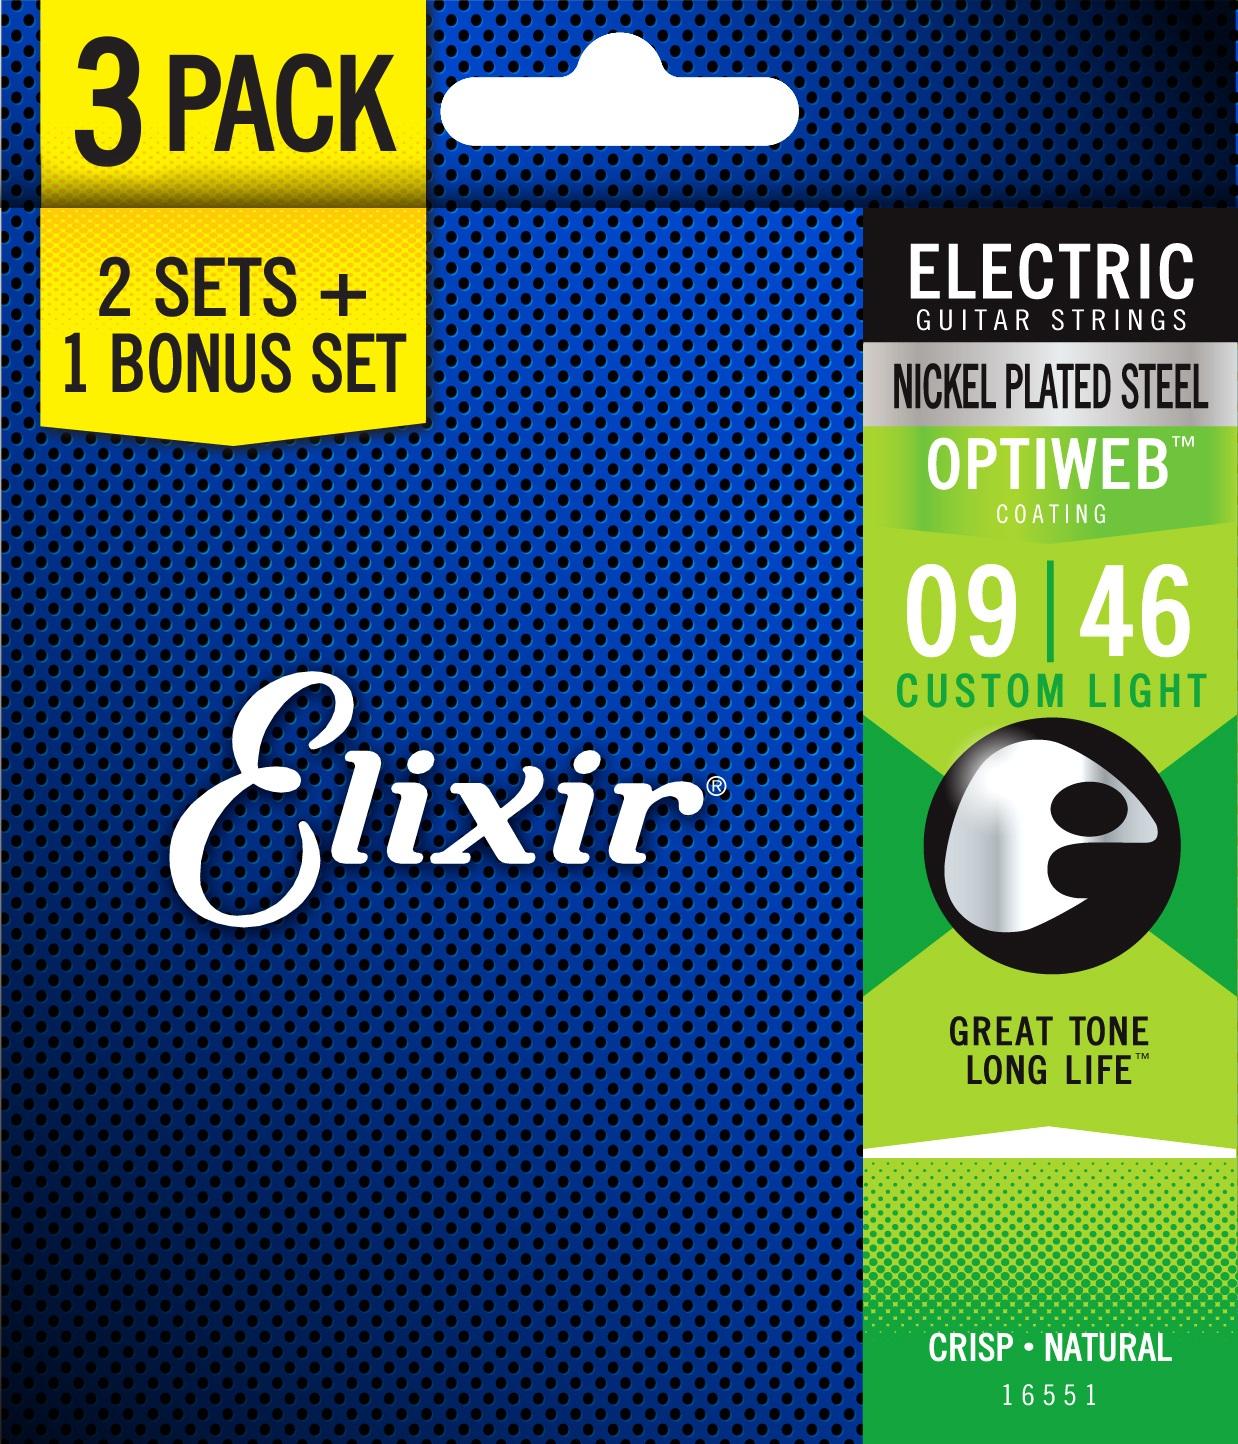 Elixir Optiweb Custom Light 3-Pack